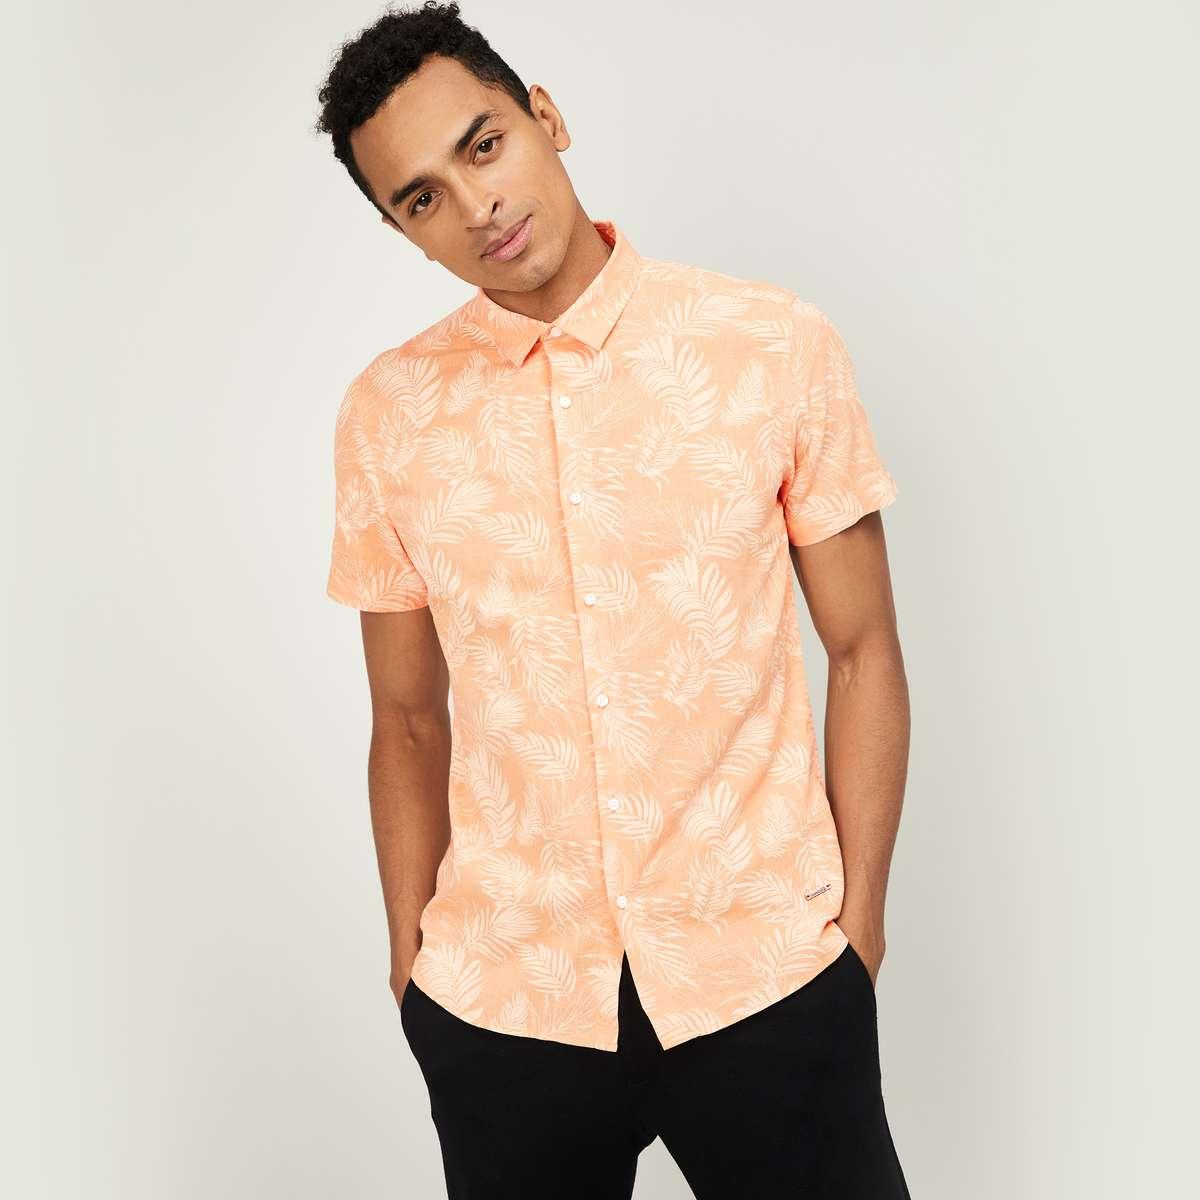 4.BOSSINI Men Printed Regular Fit Casual Shirt